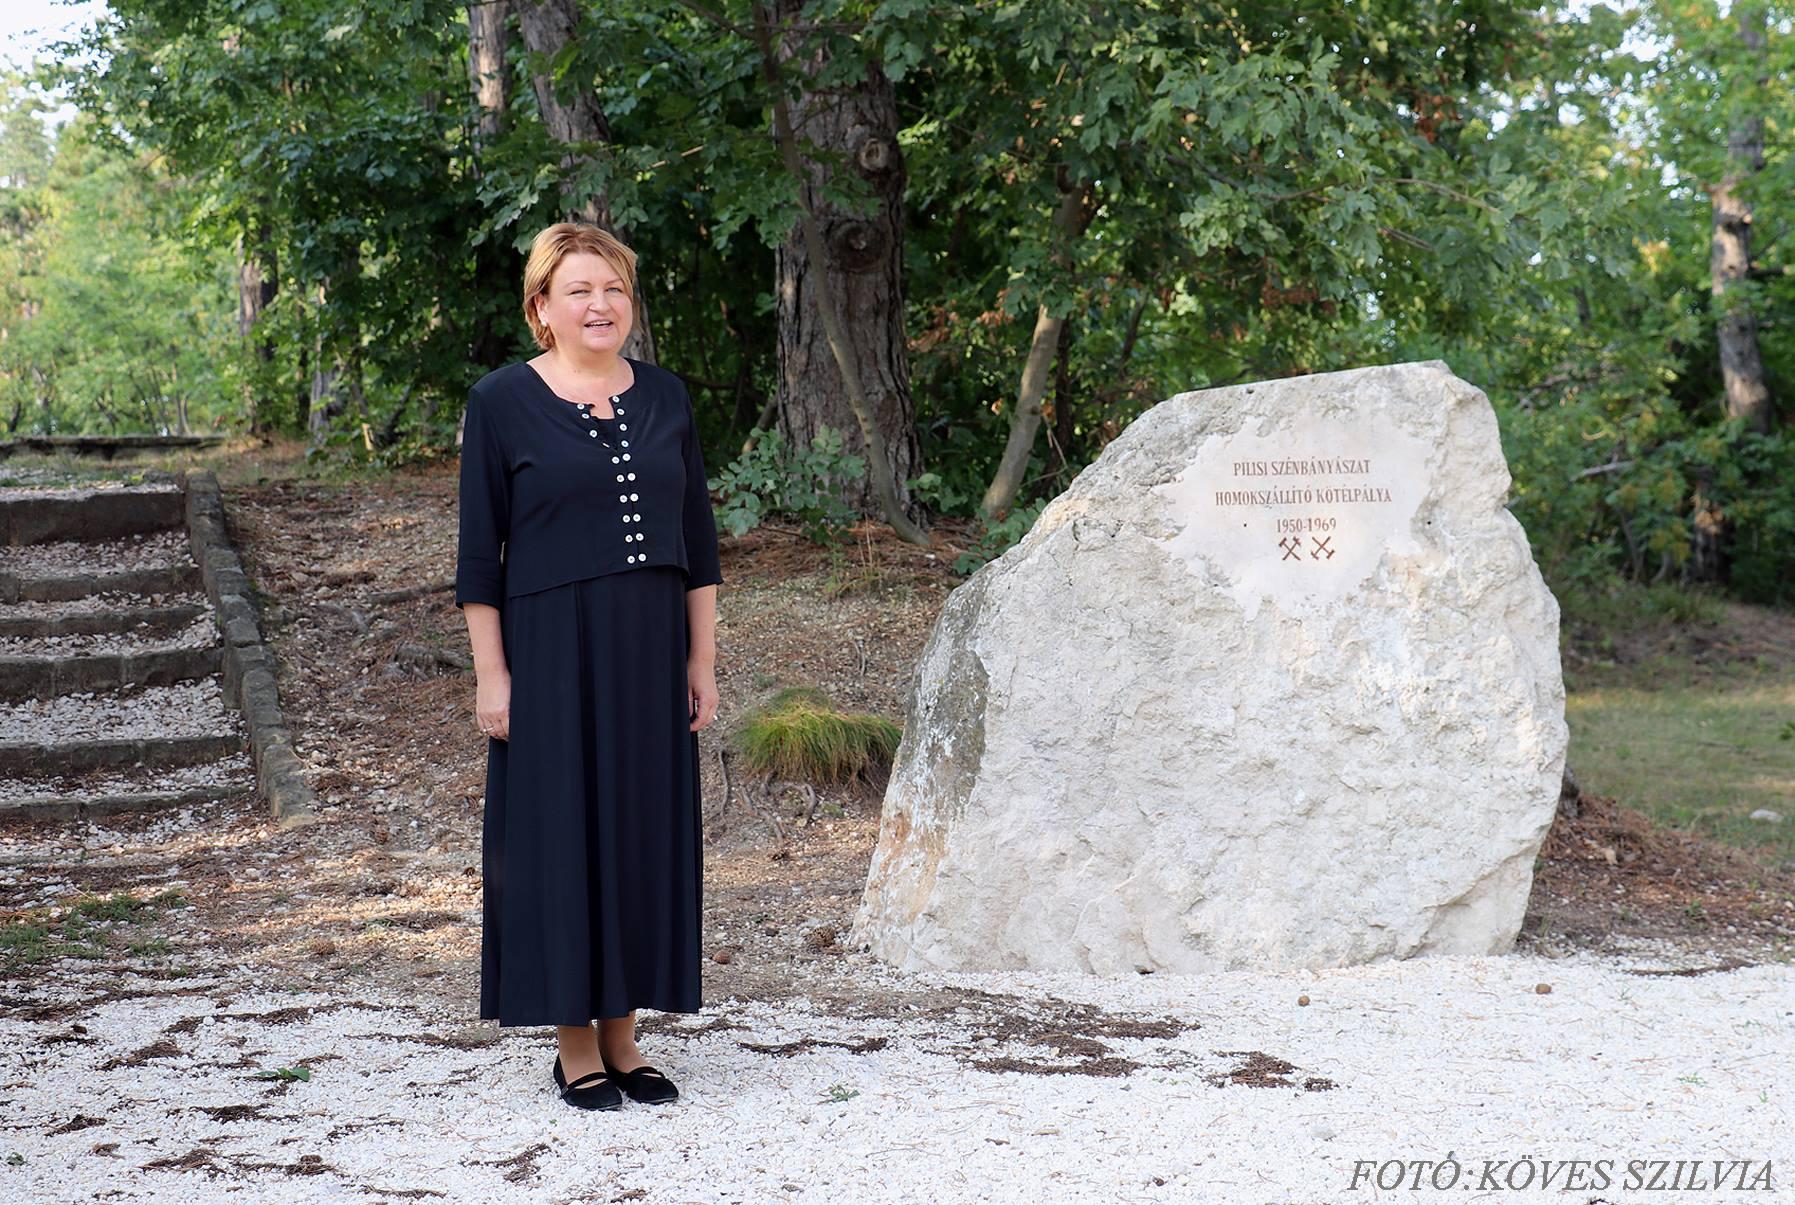 Bányásznap 2018. A koszorúzás kezdete G. Furulyás Katalin